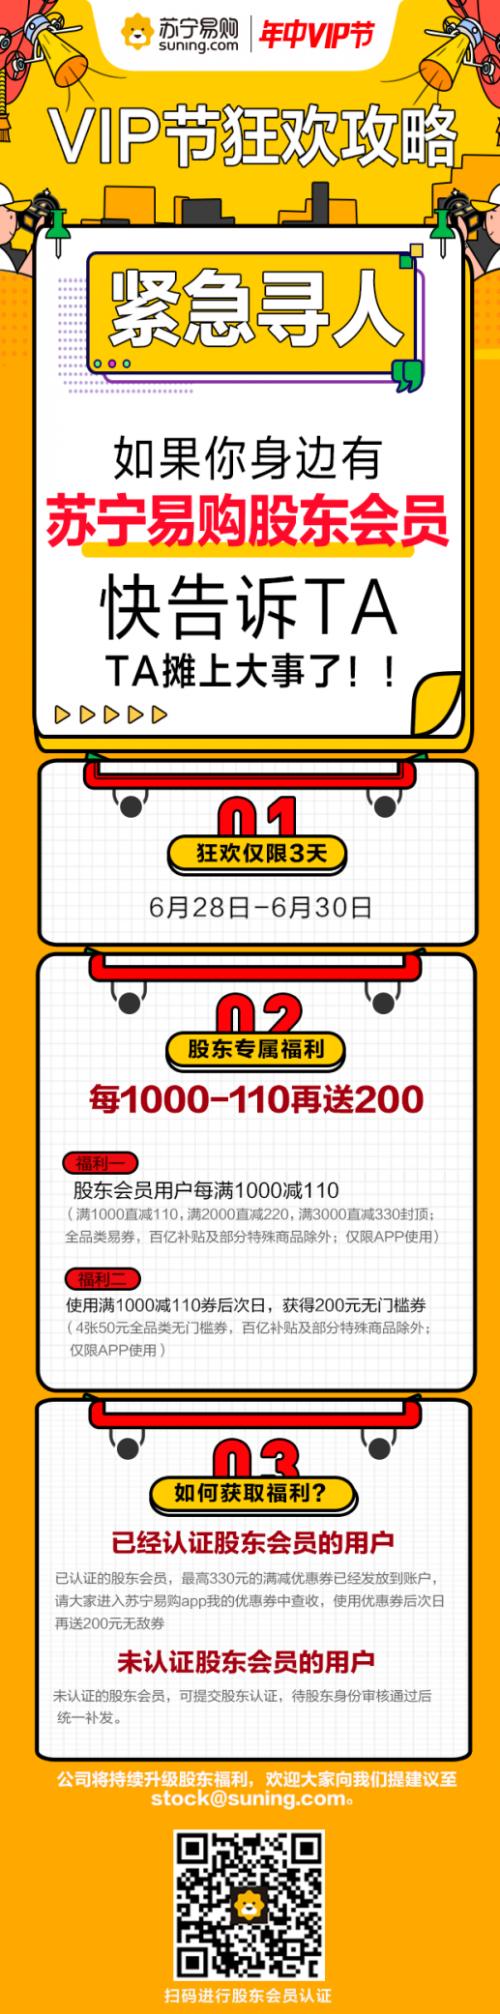 618战绩亮眼,苏宁易购启动VIP狂欢节回馈股东支持